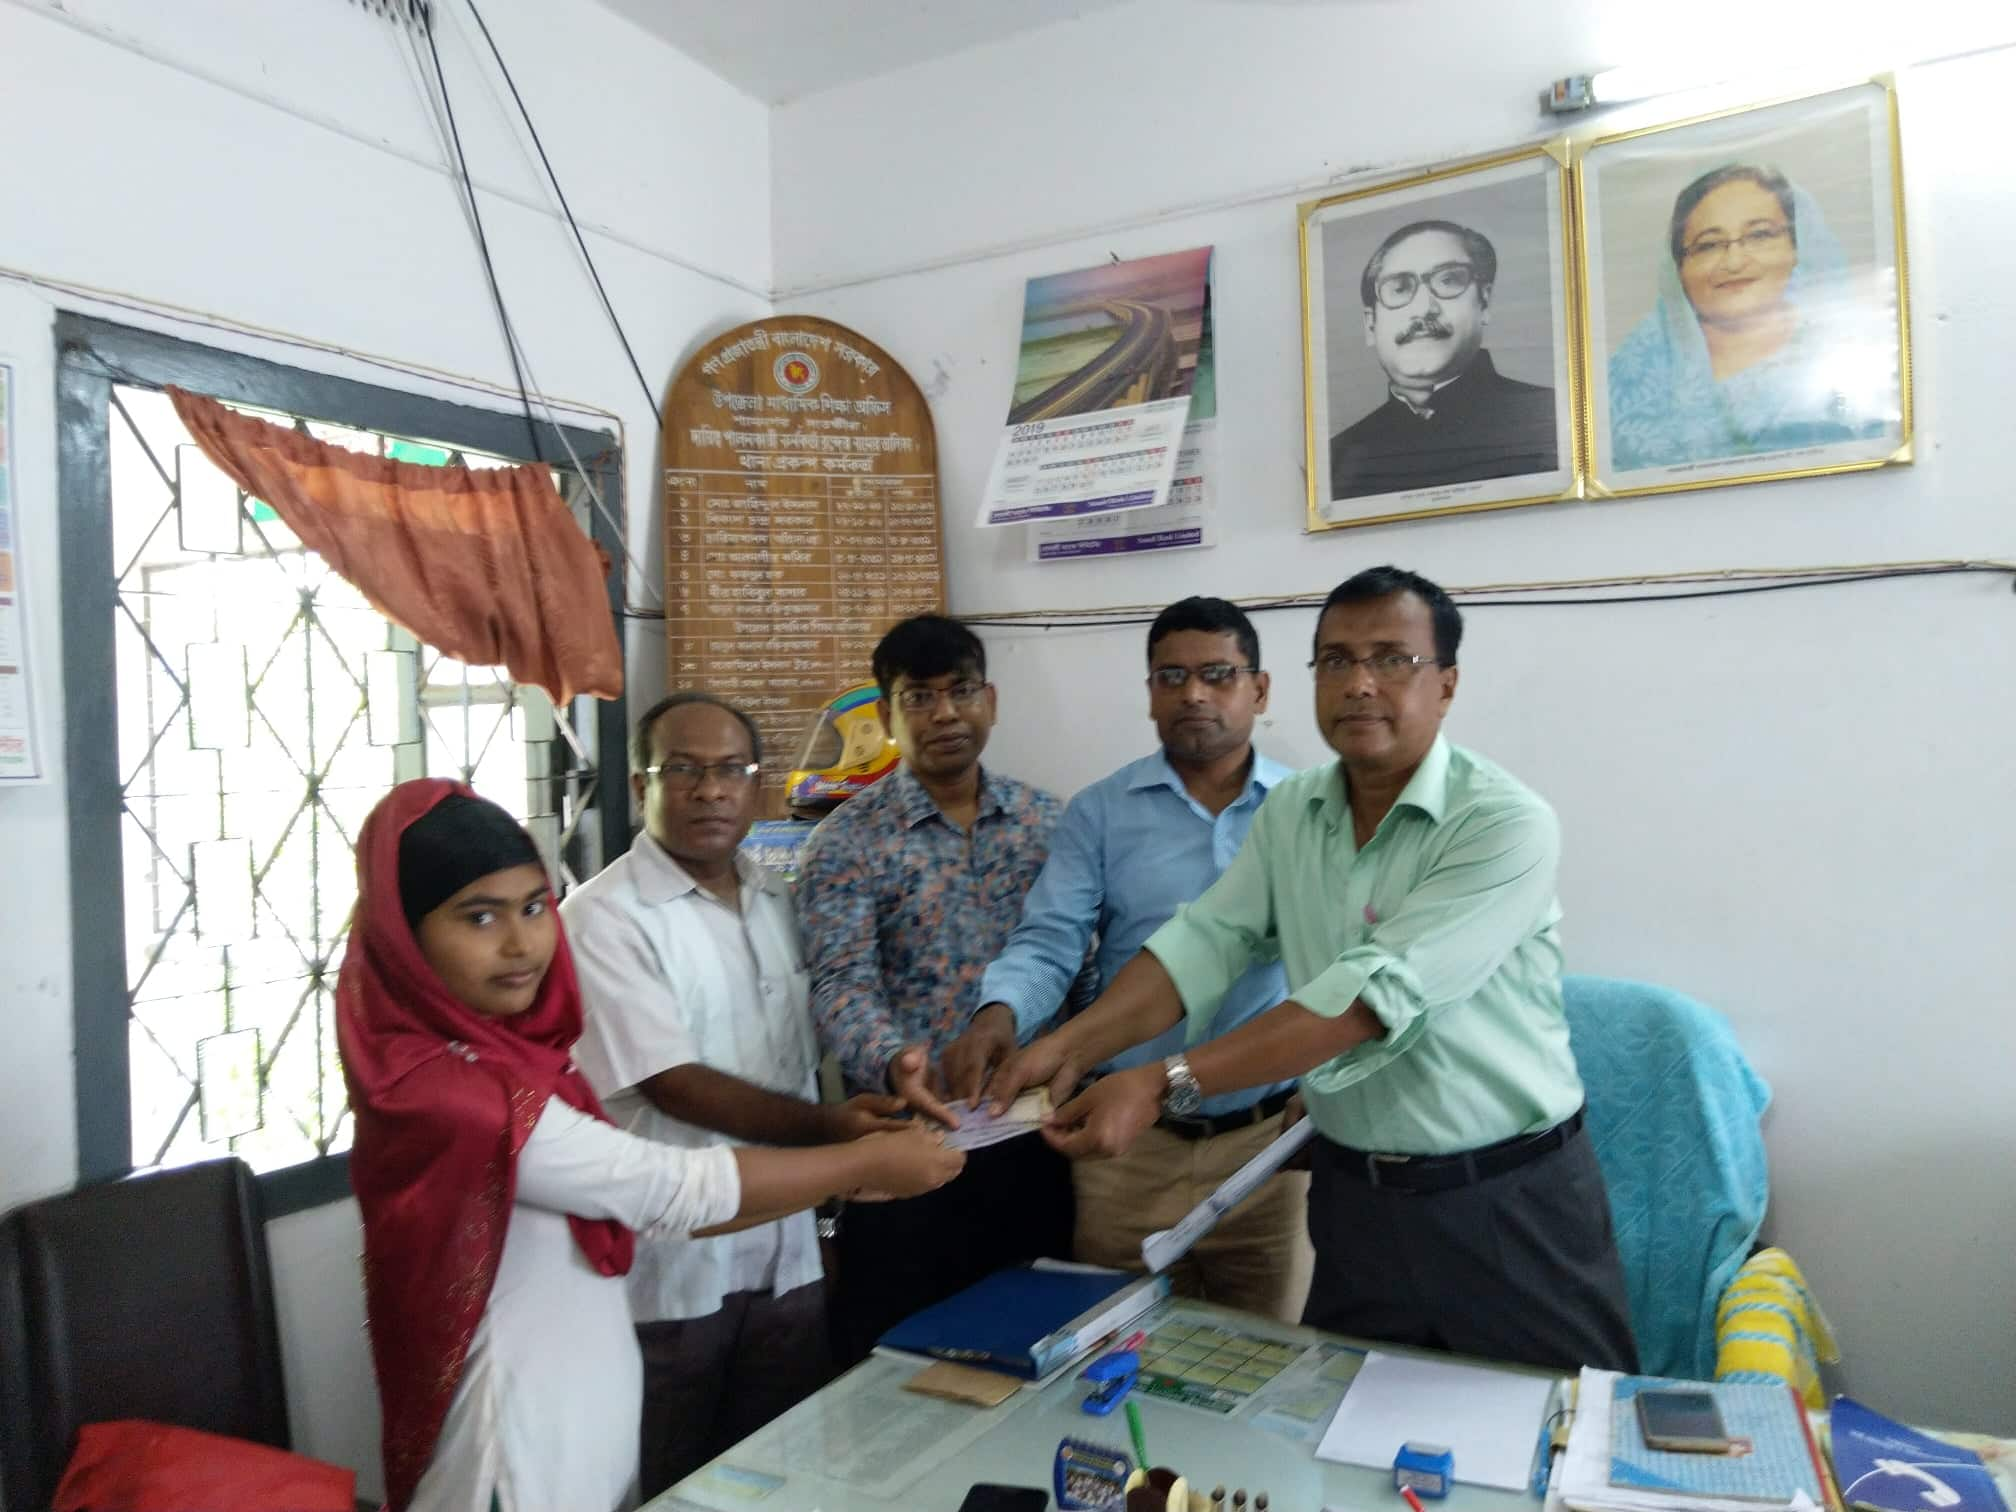 শ্যামনগরে ভাব বাংলাদেশের শিক্ষা বৃত্তি ও শিক্ষকদের সম্মানী প্রদান